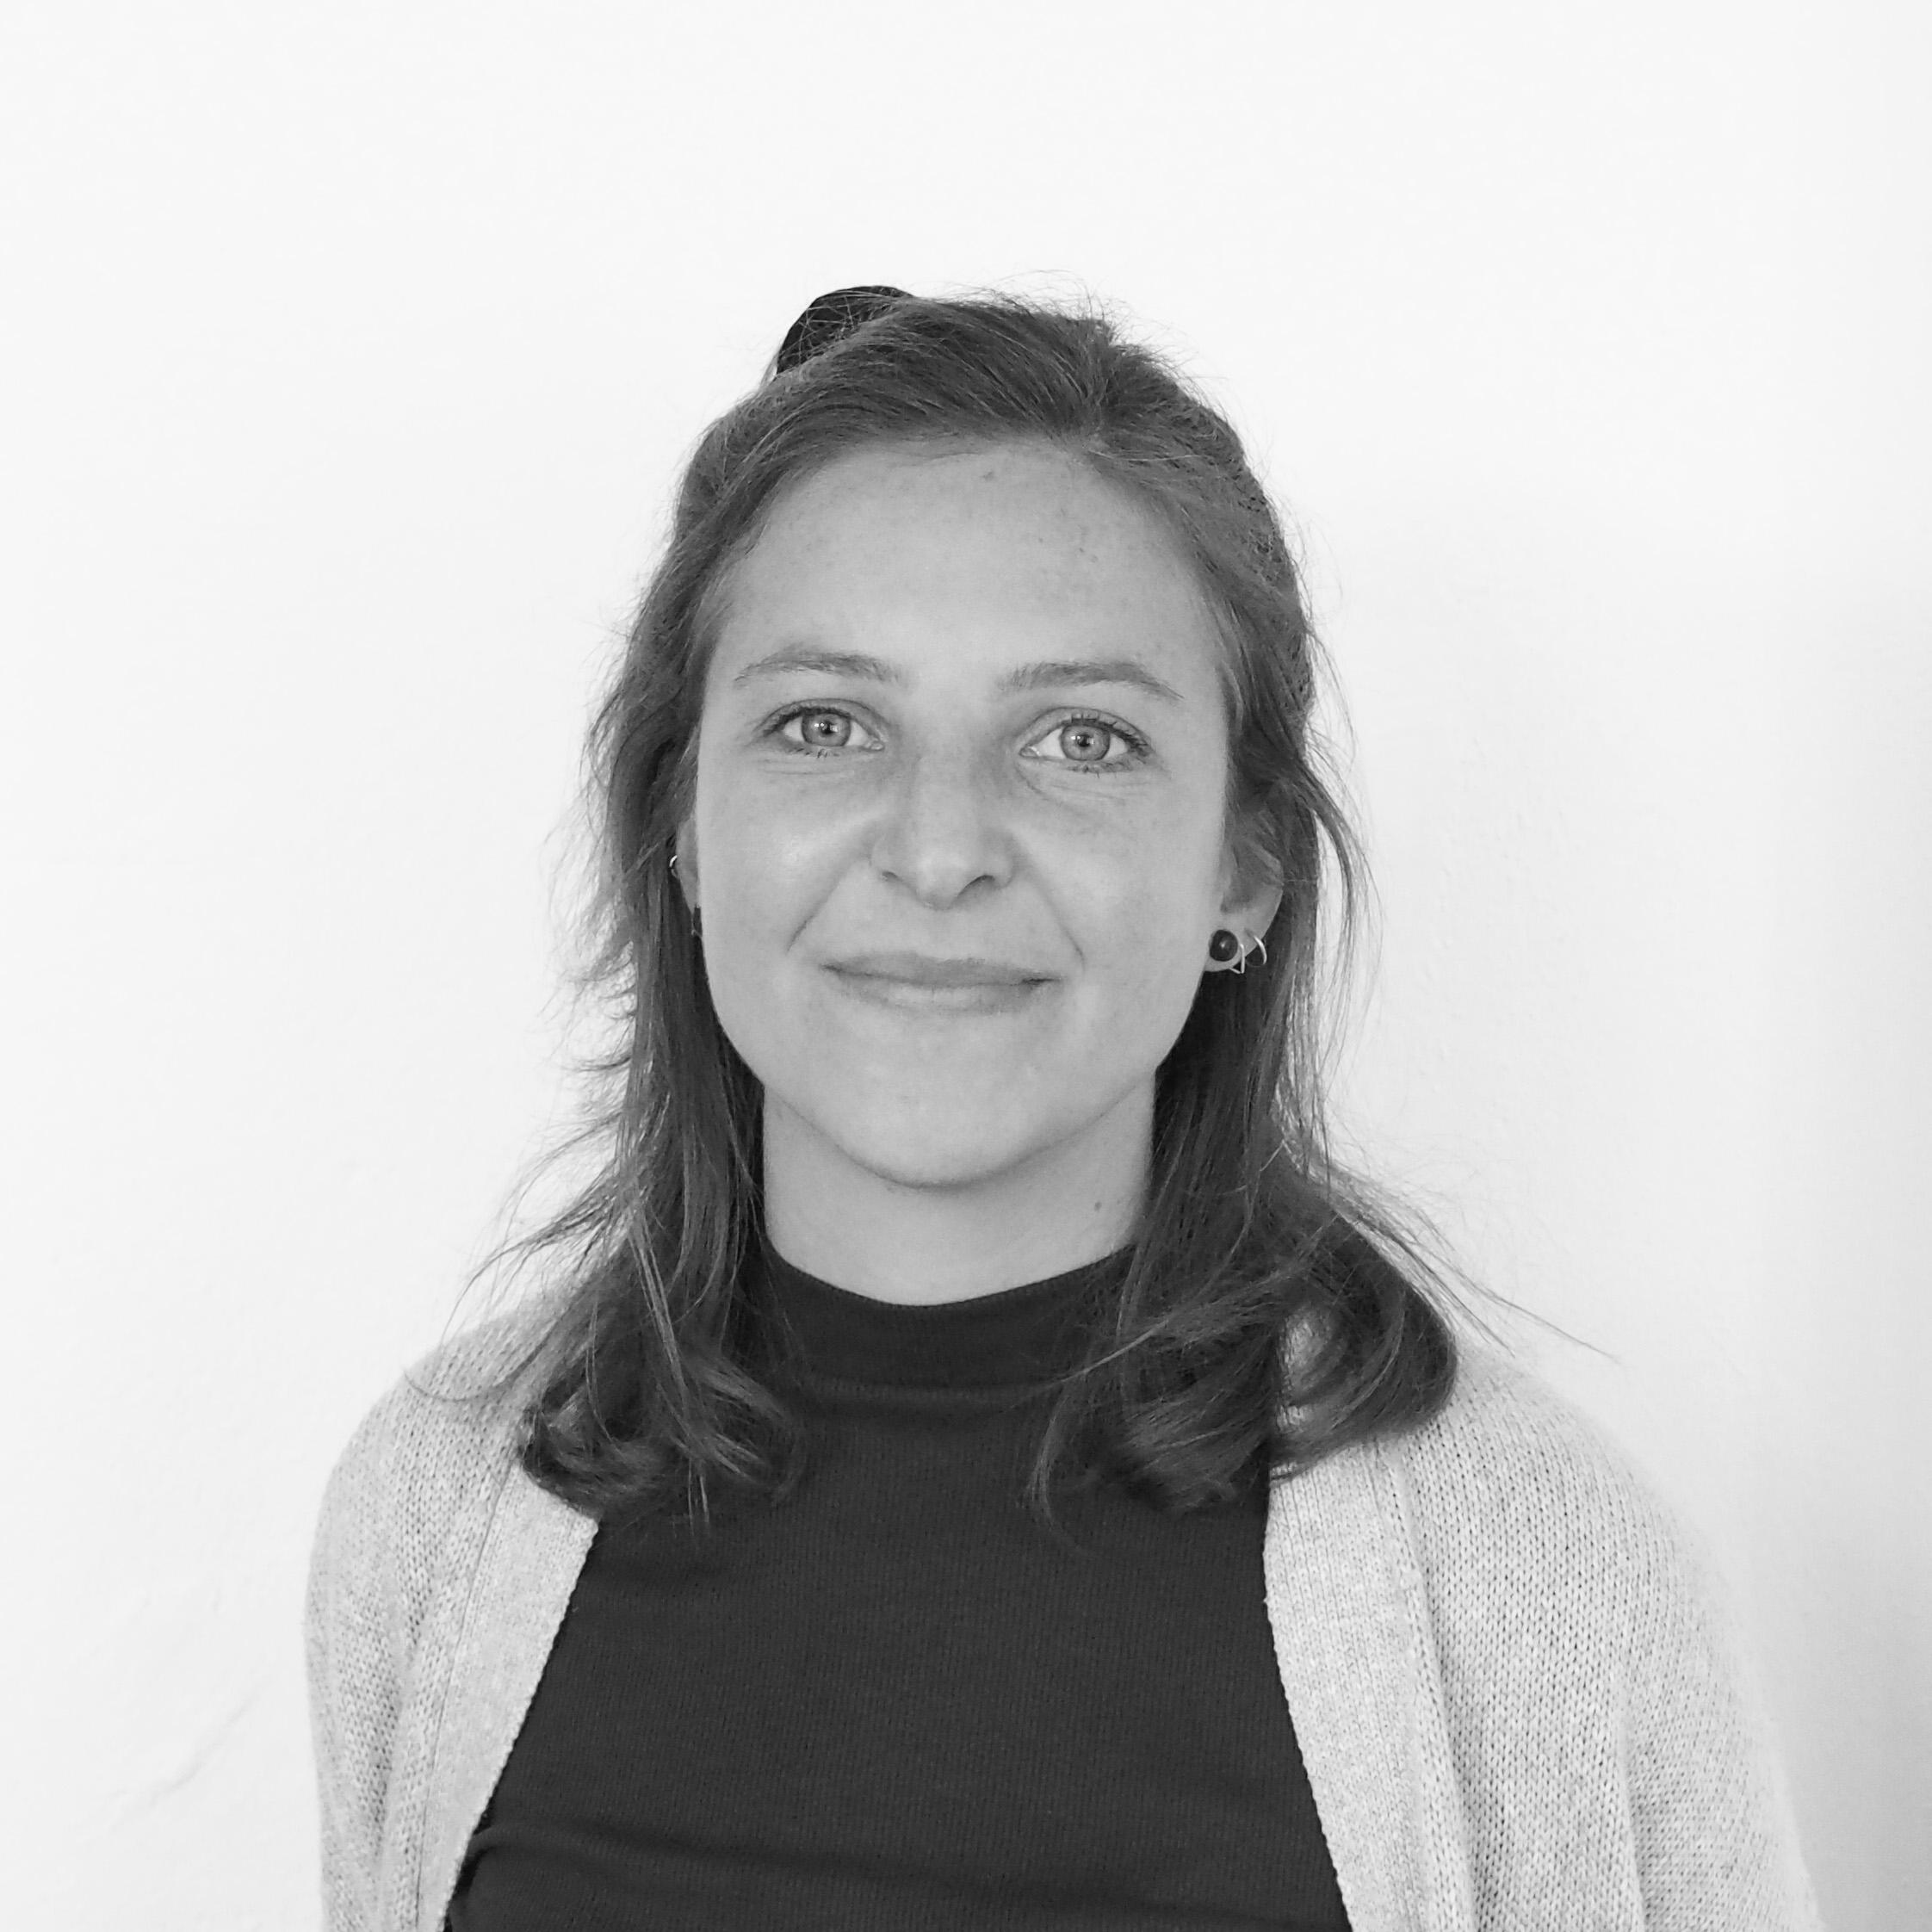 Jasmina McKenna